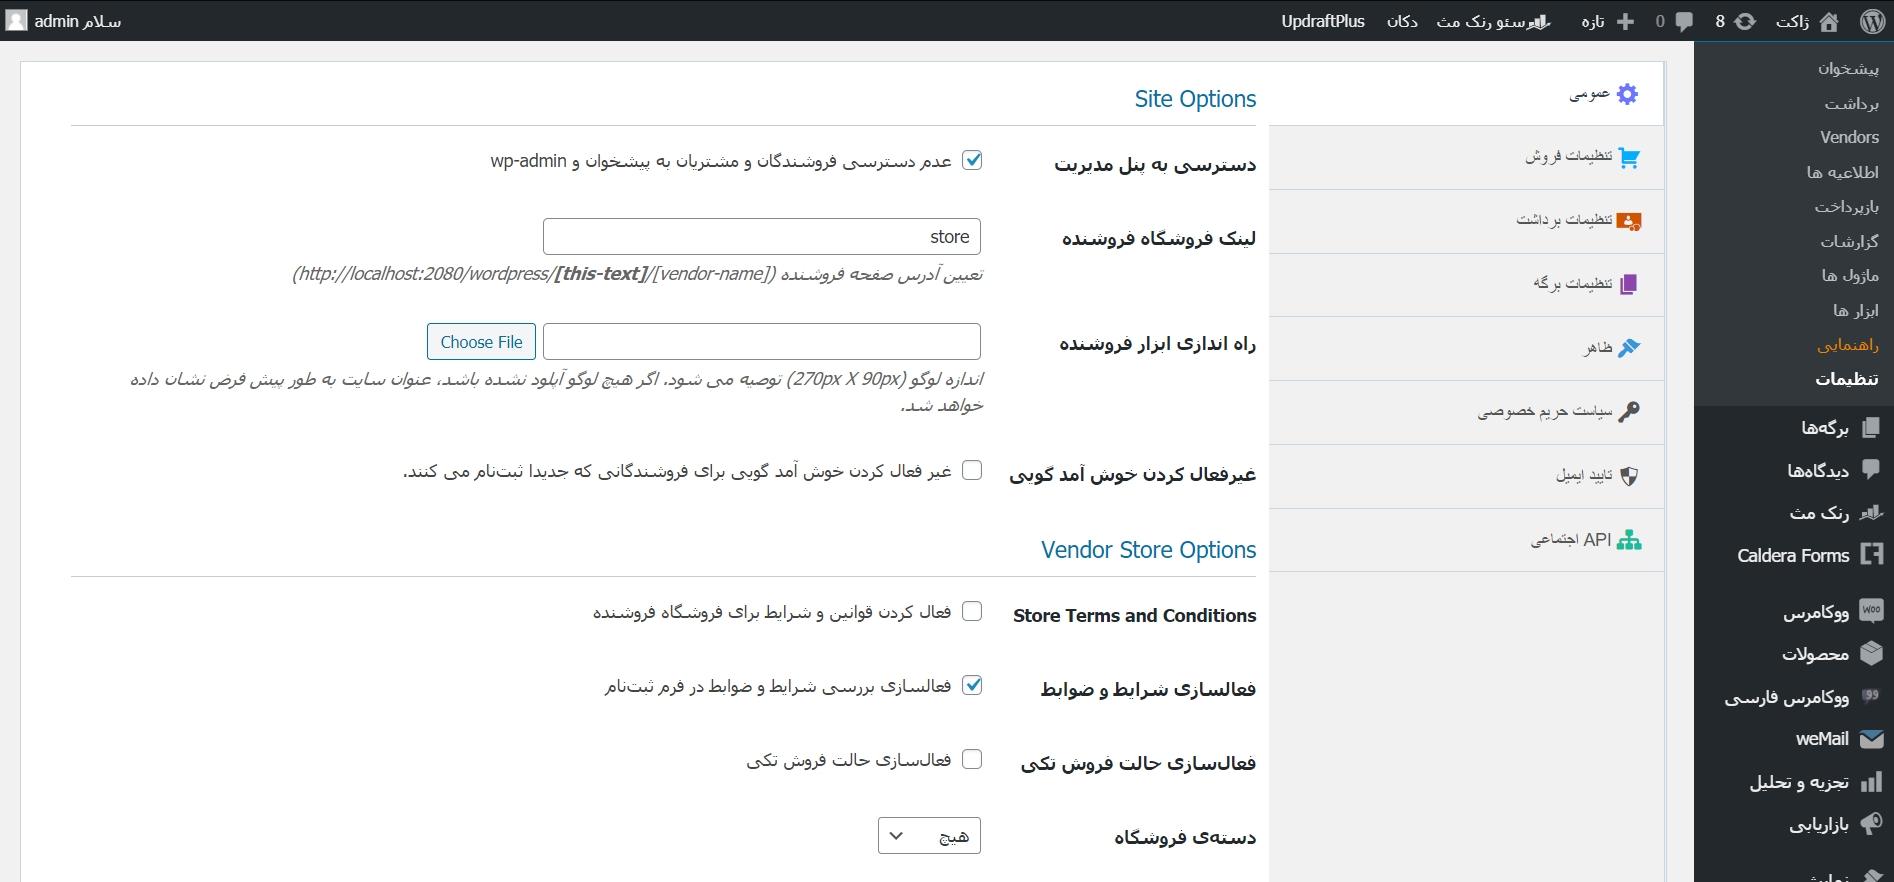 طراحی سایت چند فروشندگی